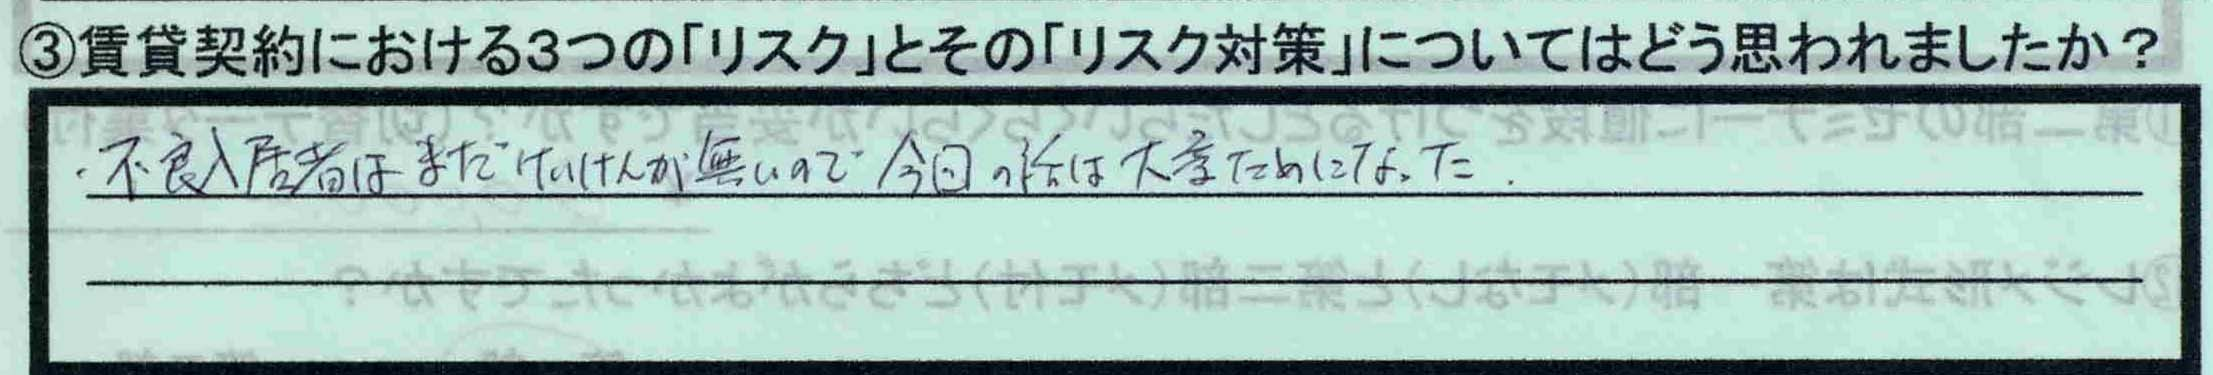 【東京都板橋区】【木村正明さん】【リスク対策について】